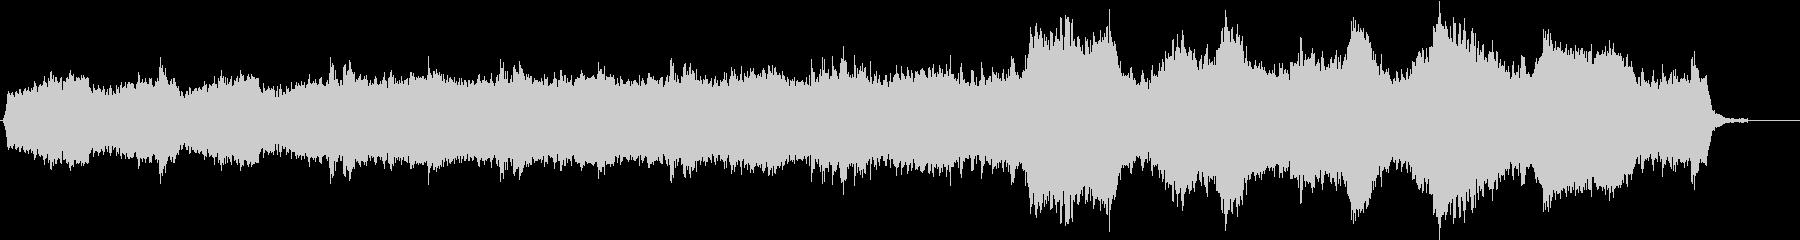 ホラーBGMの未再生の波形